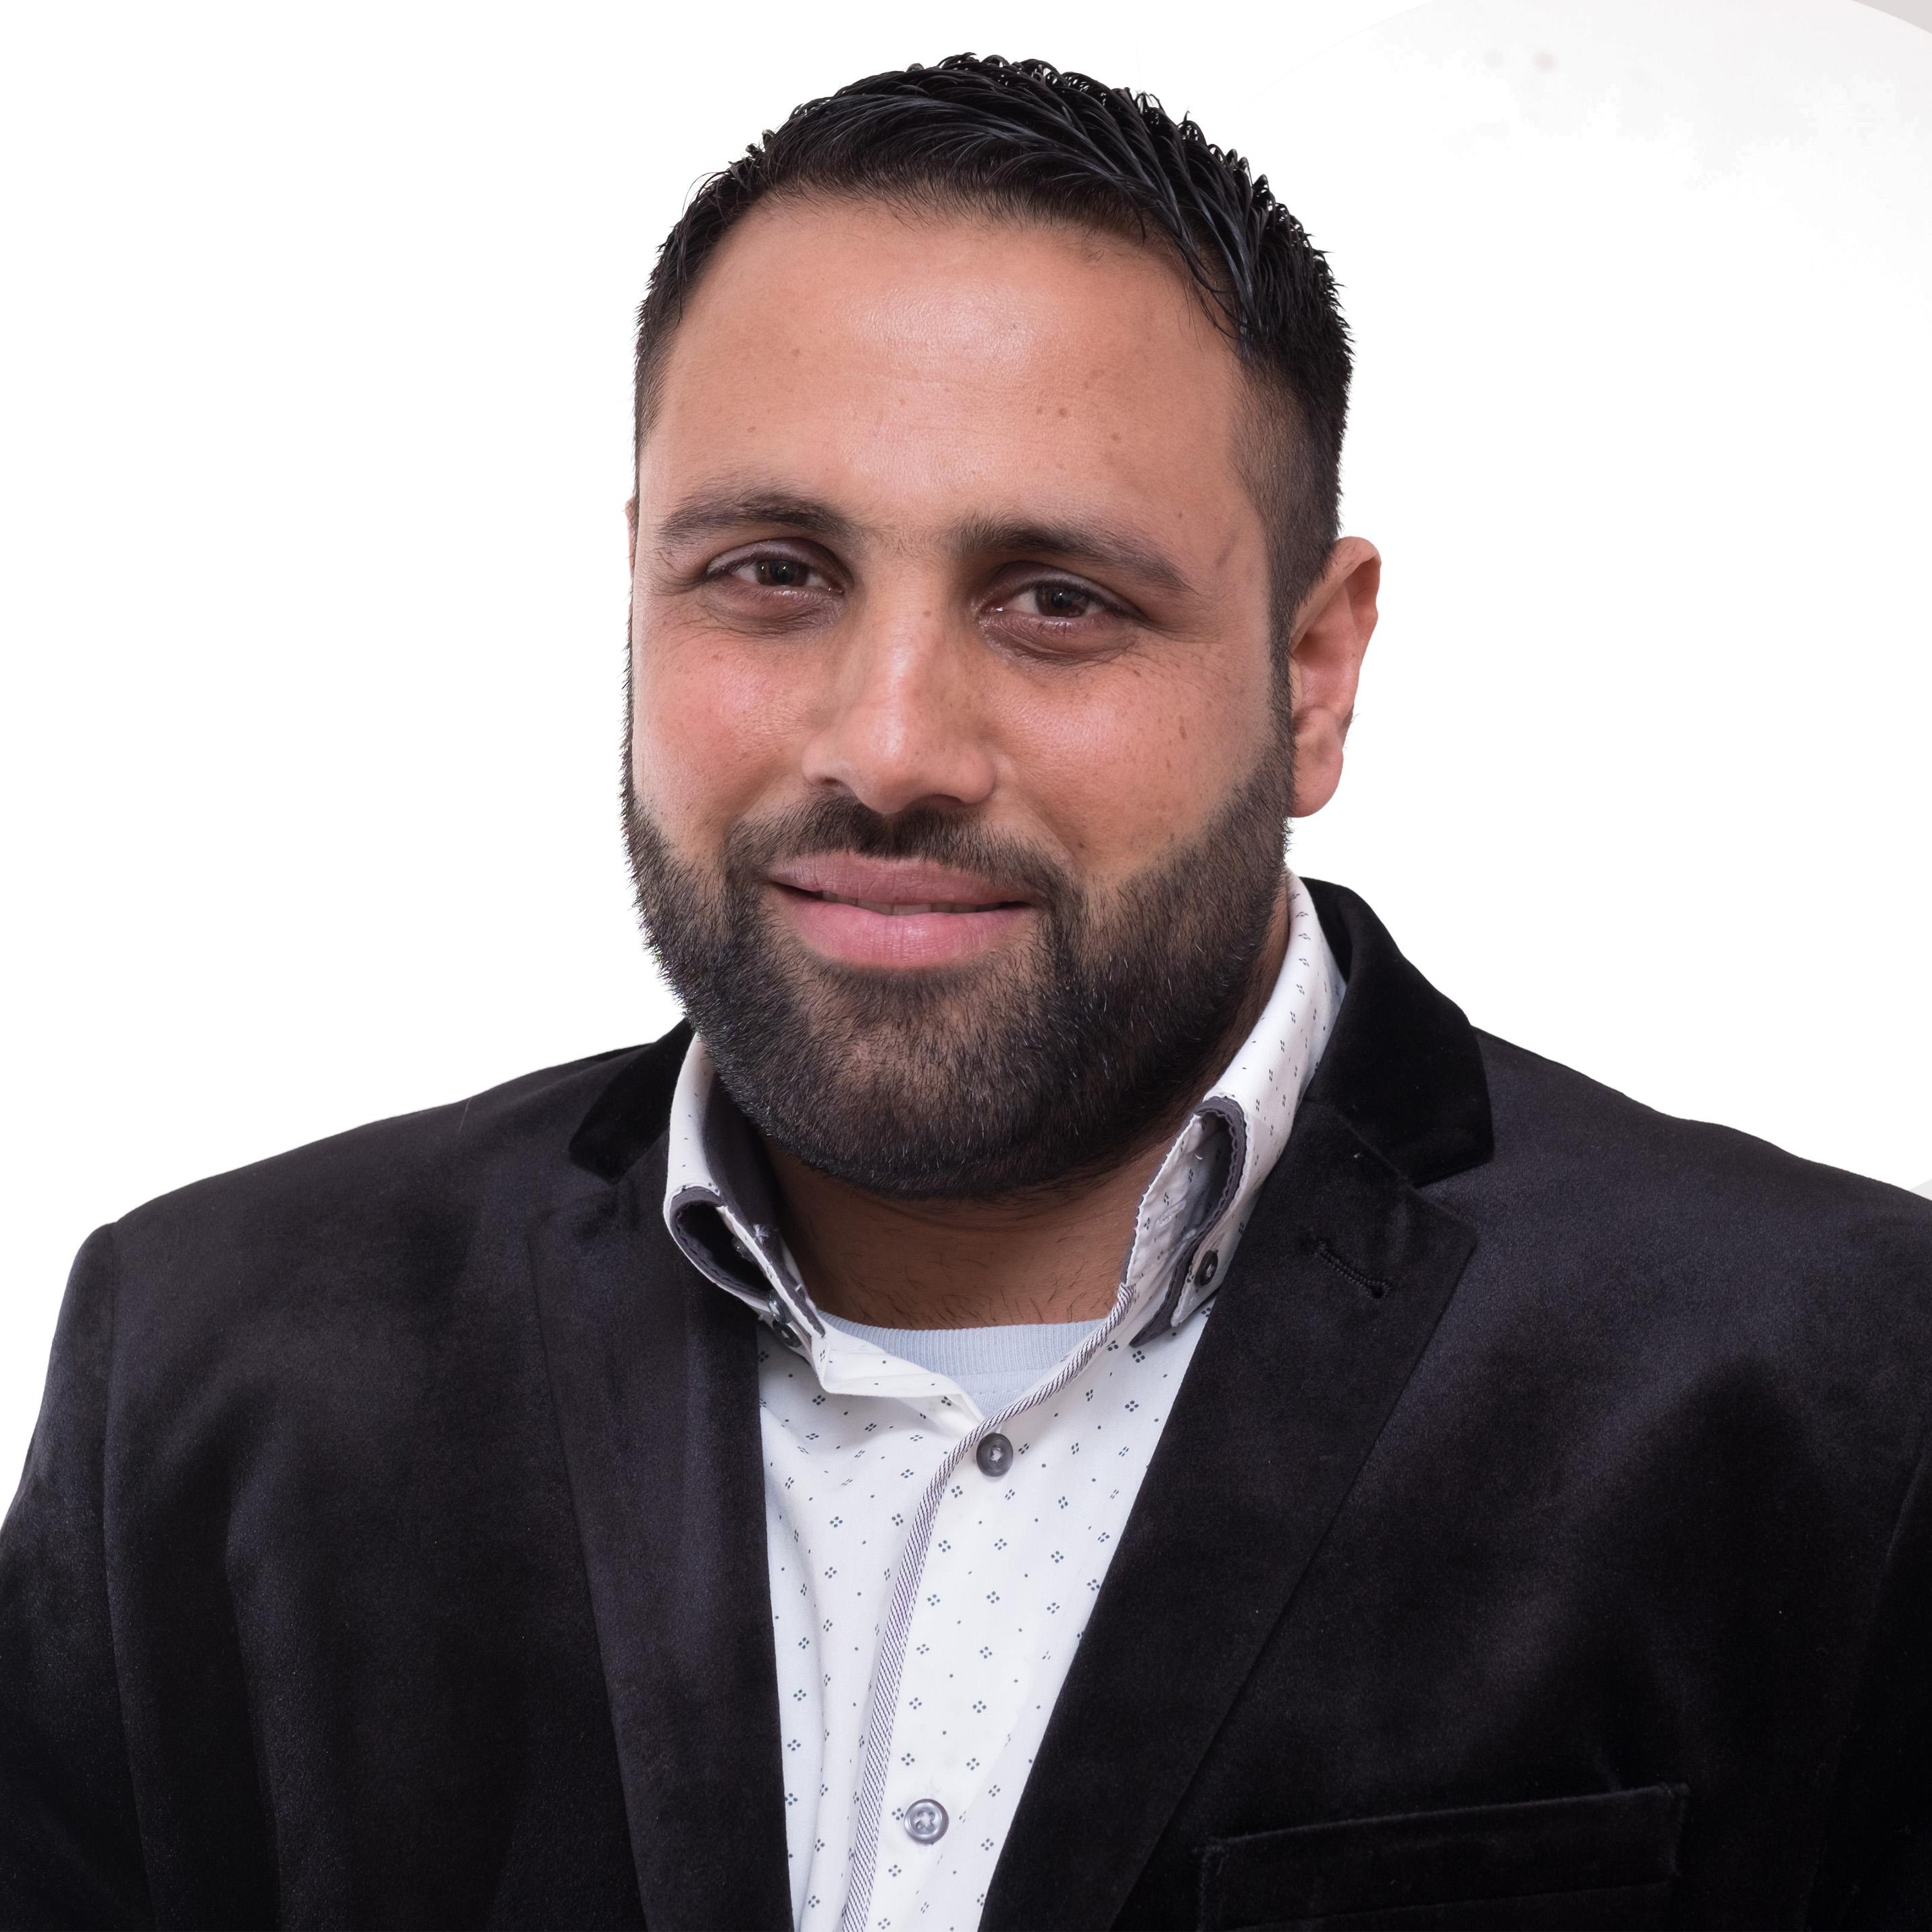 Faisal Mehamood